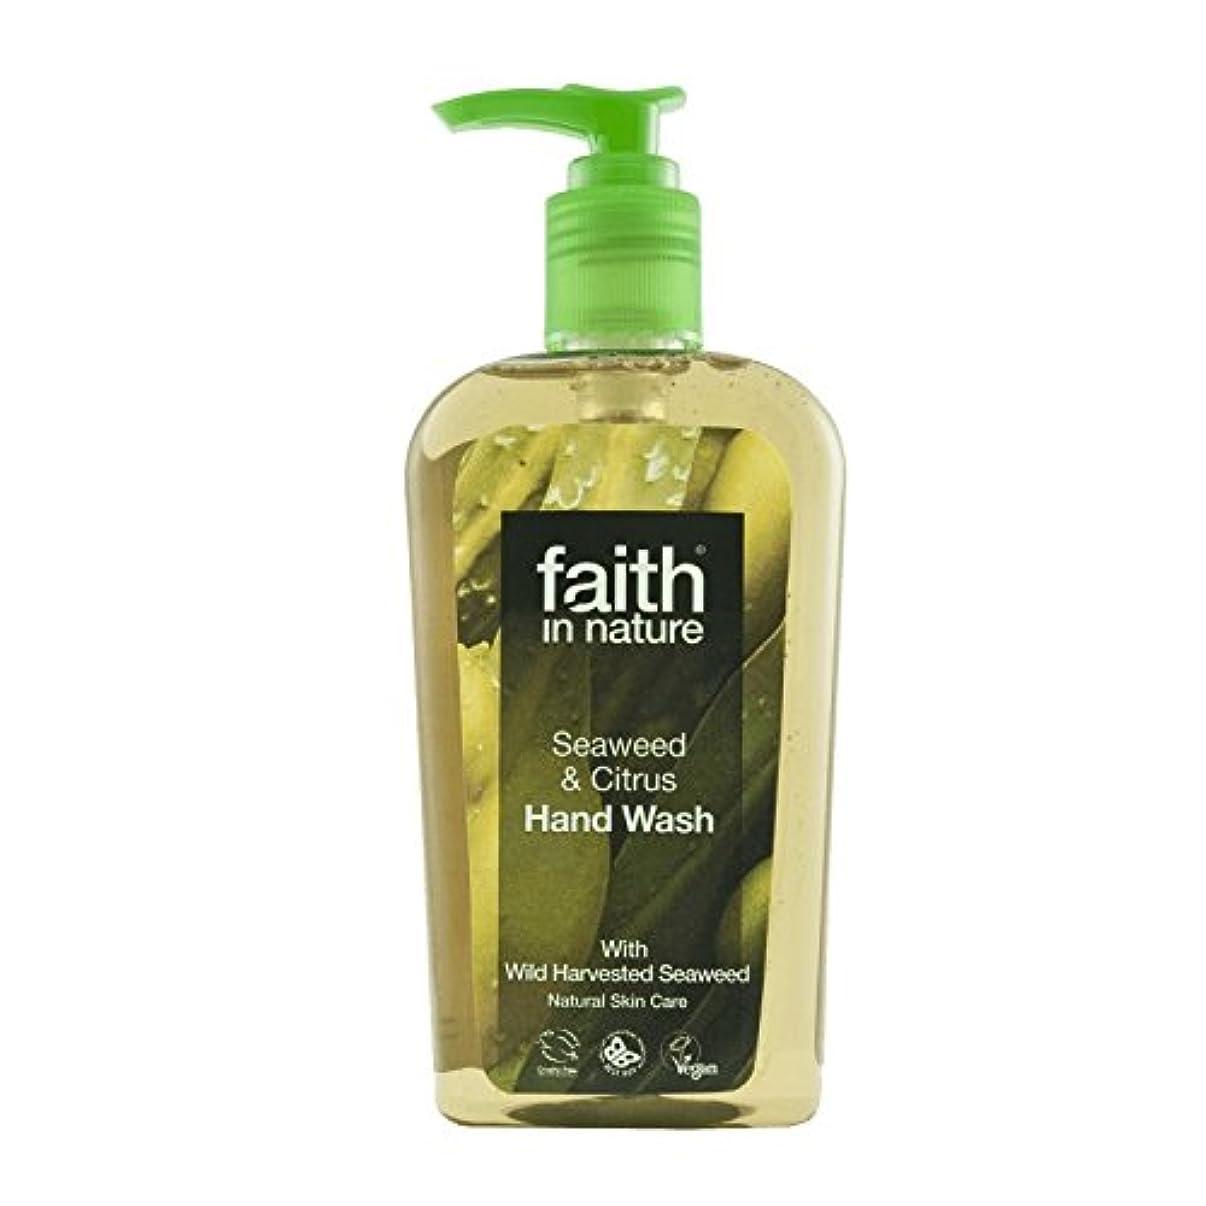 資源見通し航海自然海藻手洗いの300ミリリットルの信仰 - Faith In Nature Seaweed Handwash 300ml (Faith in Nature) [並行輸入品]